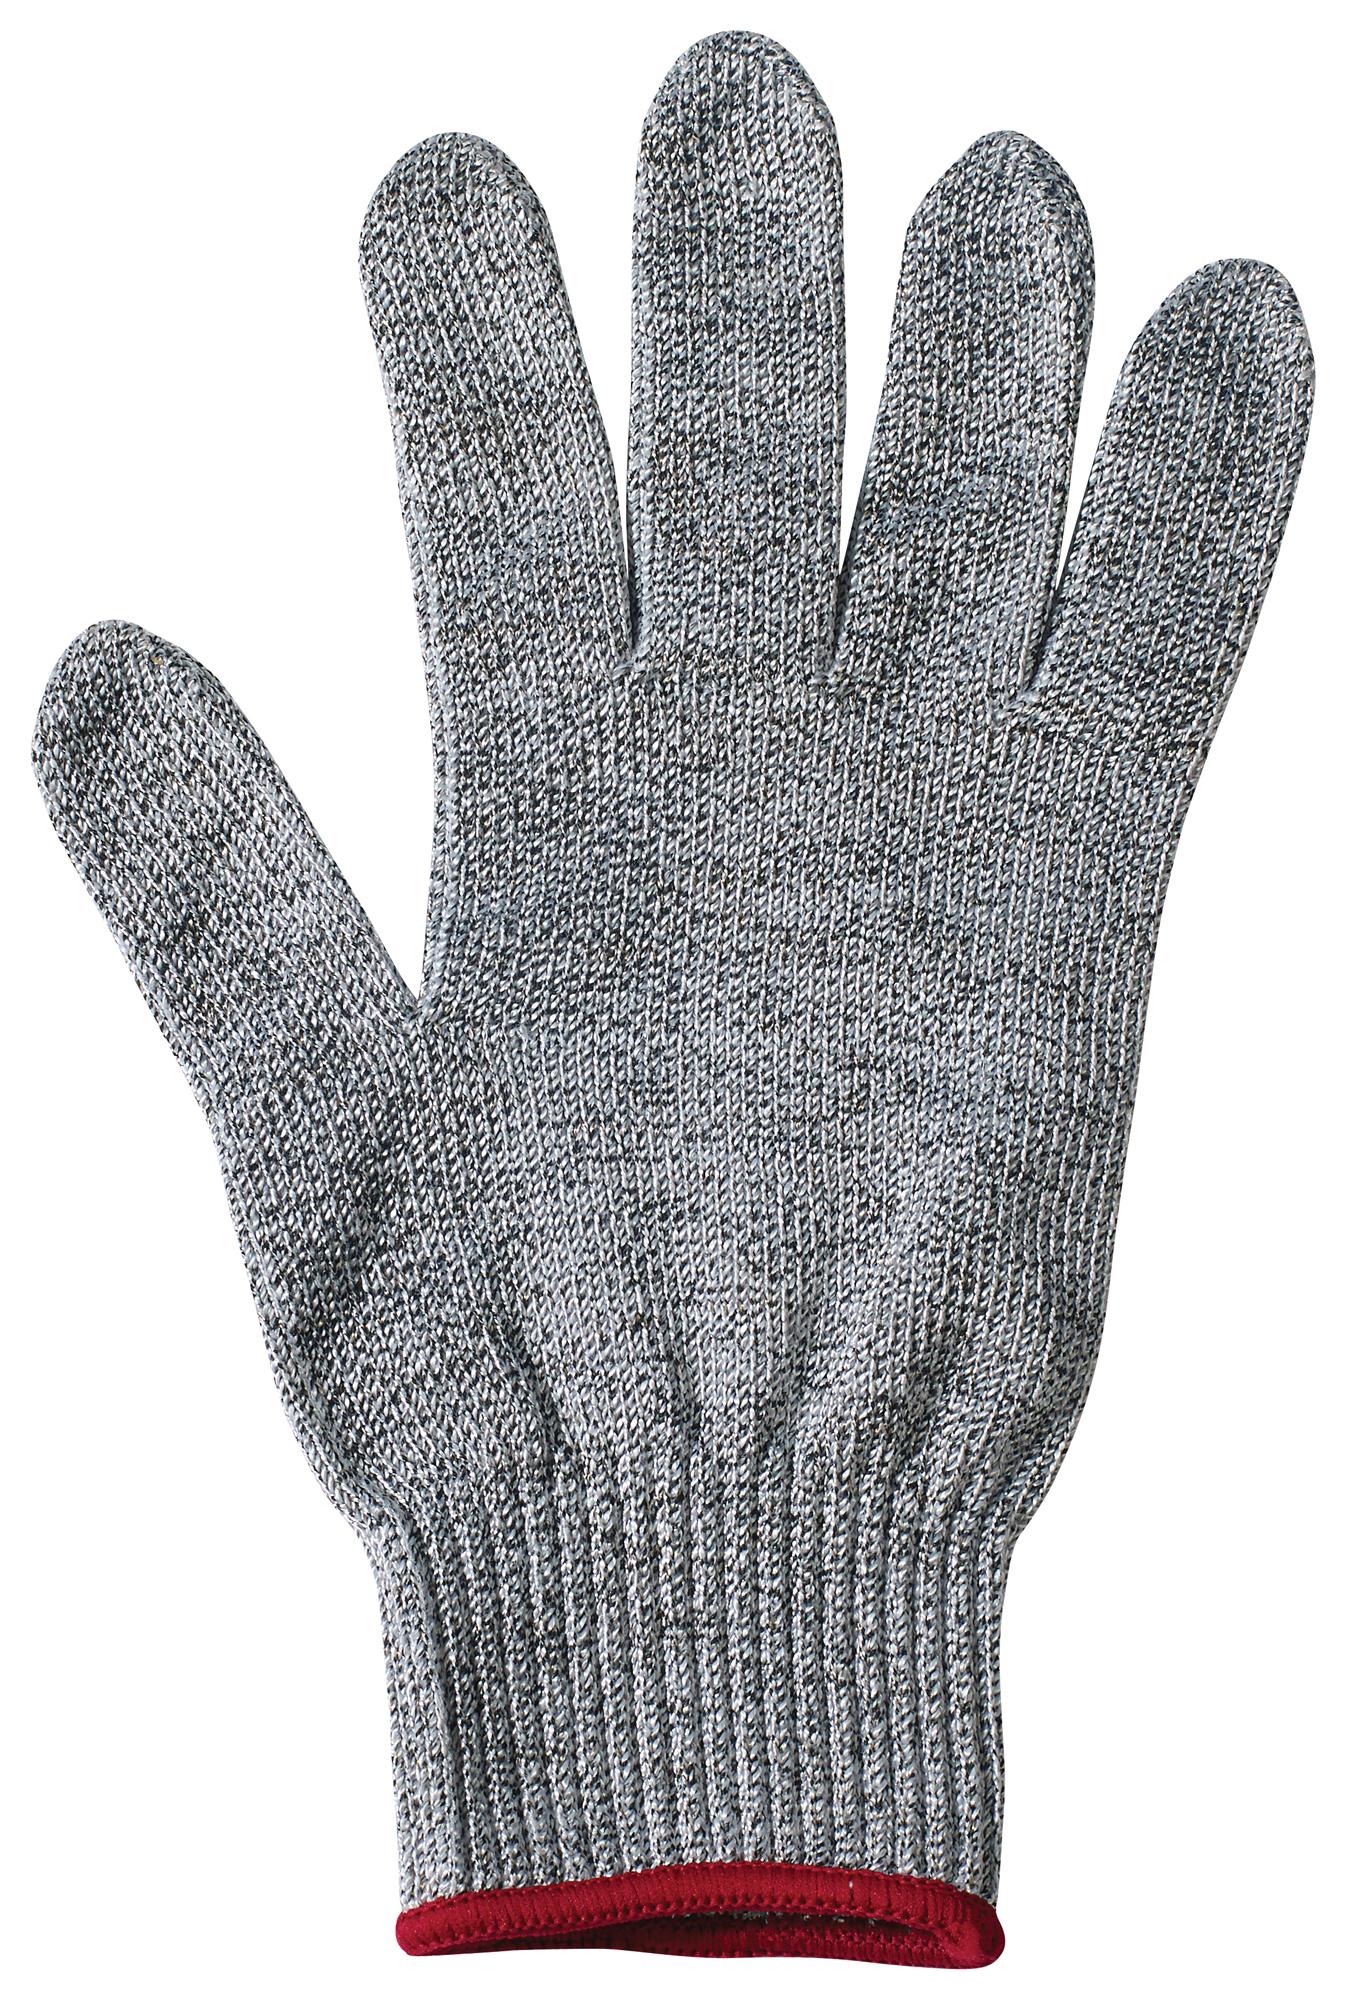 Winco GCRA-S resistant glove